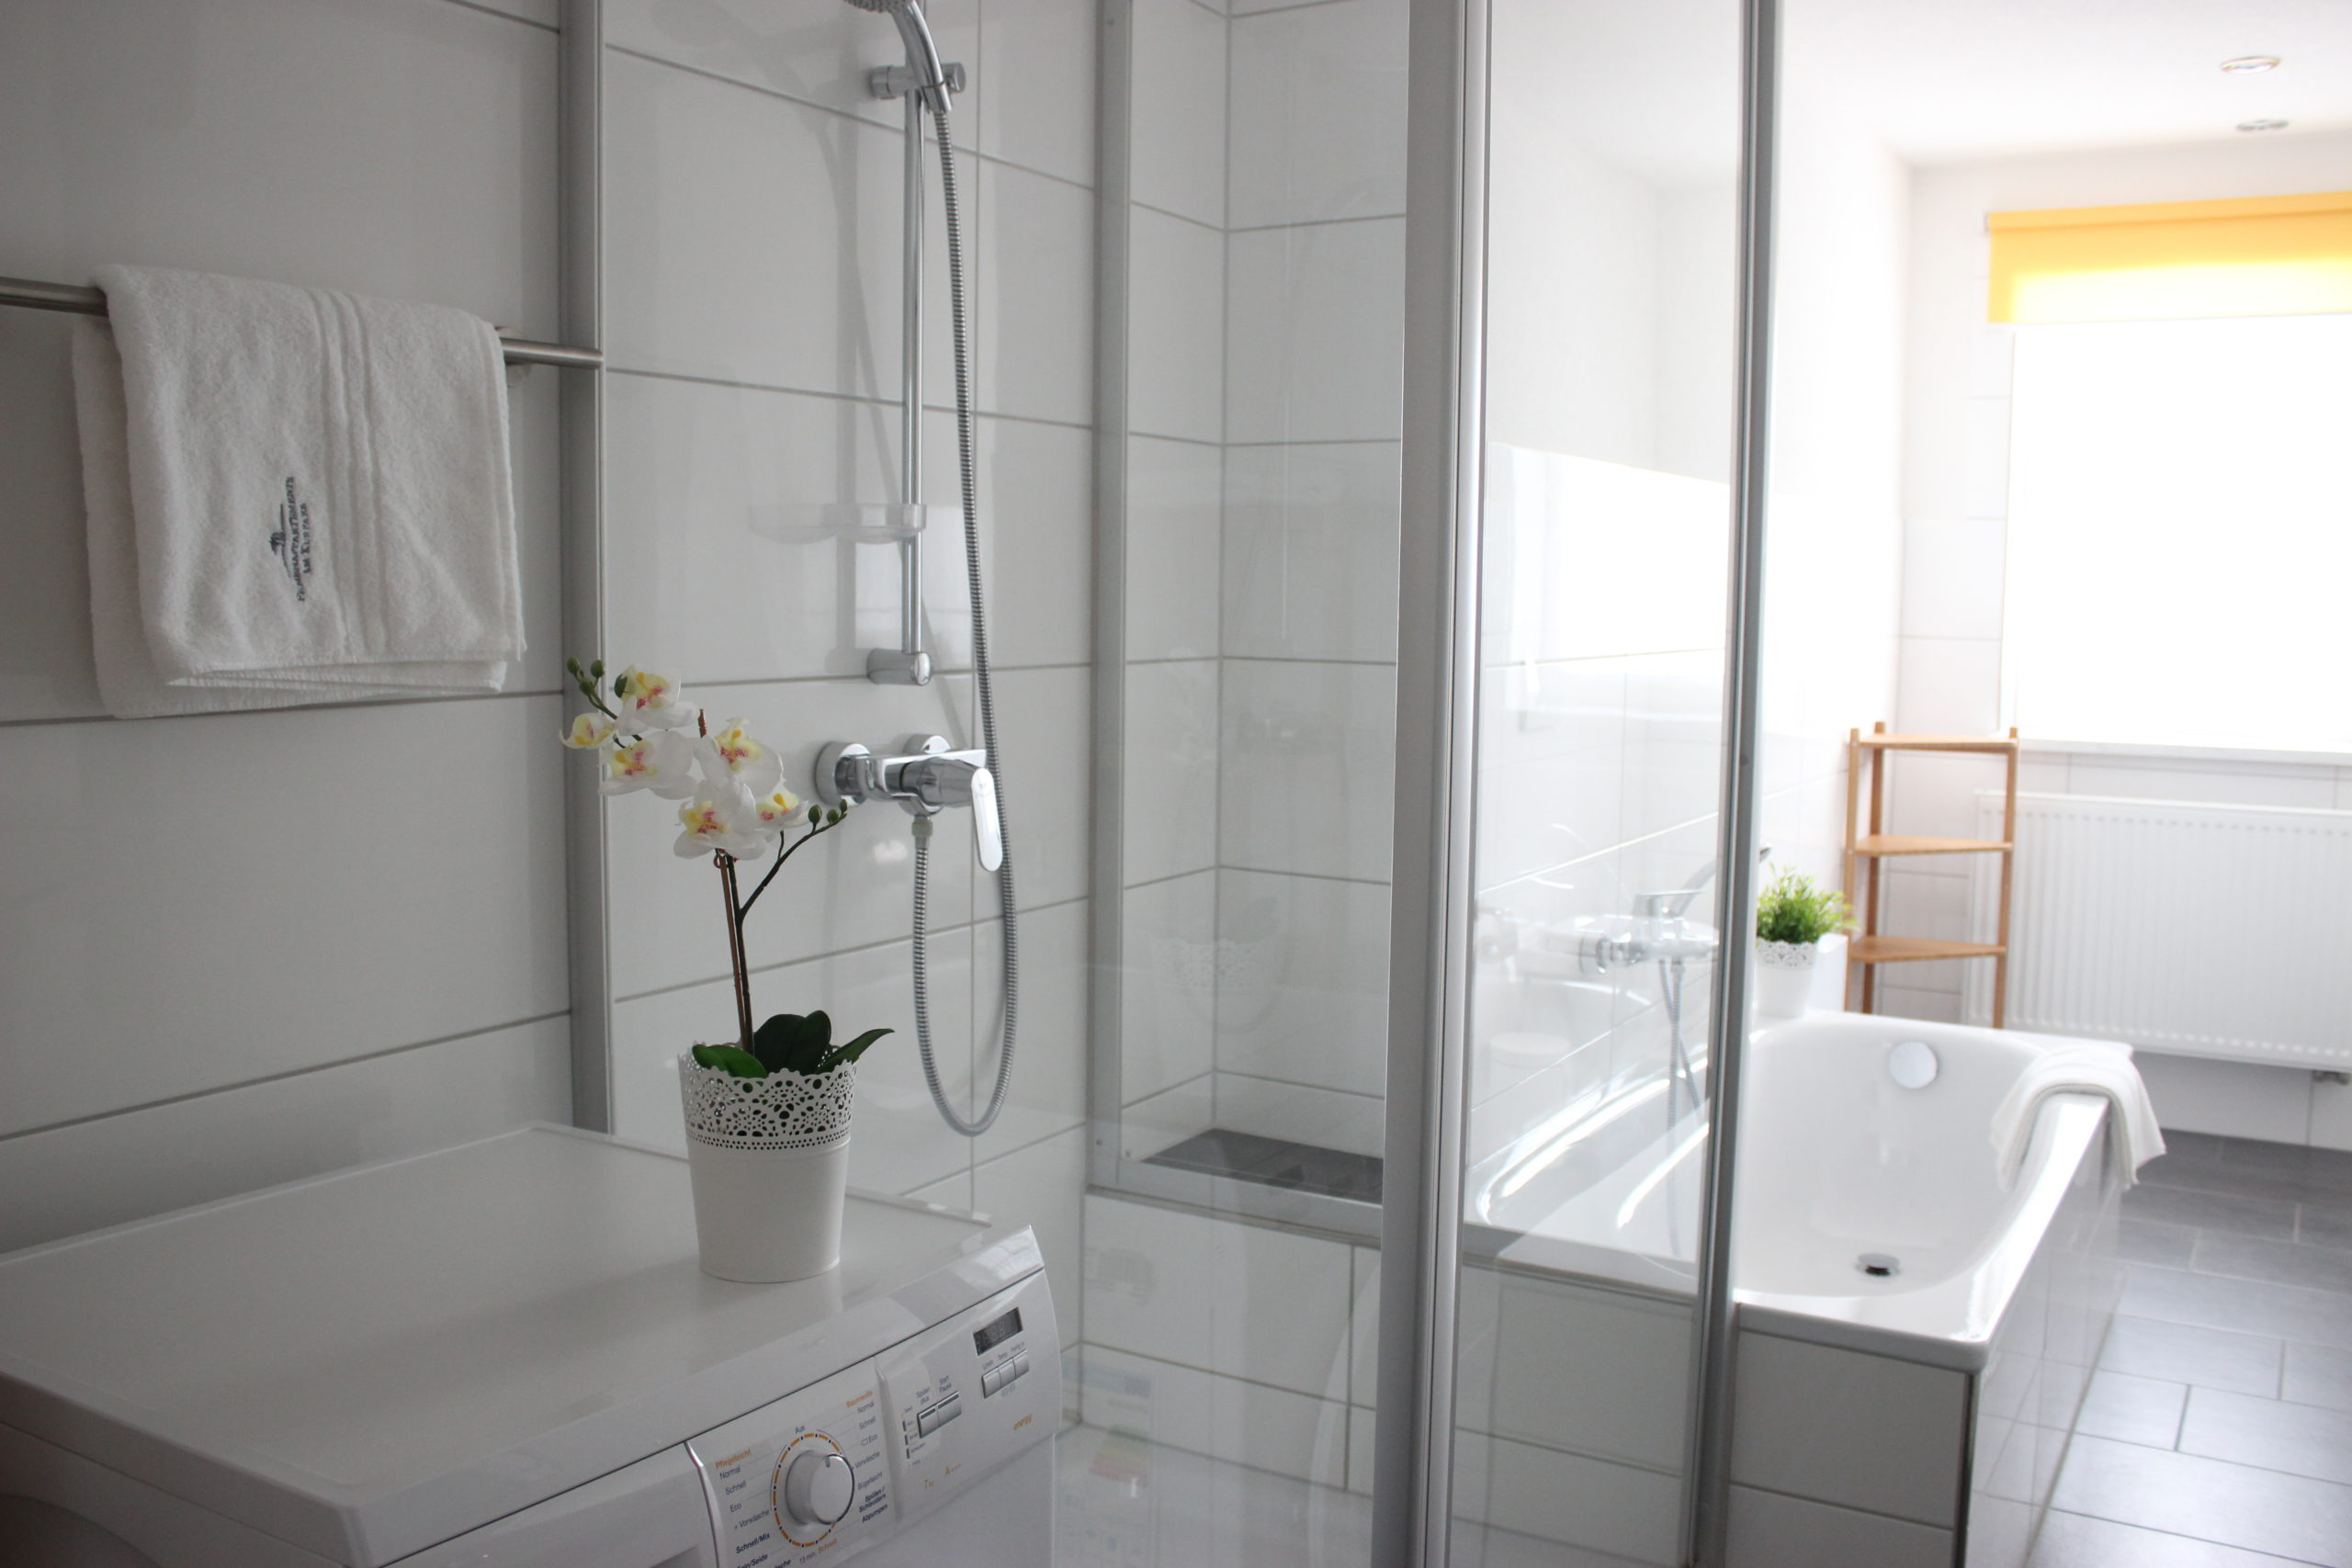 Badezimmer mit Waschmaschine, Dusche & Badewanne